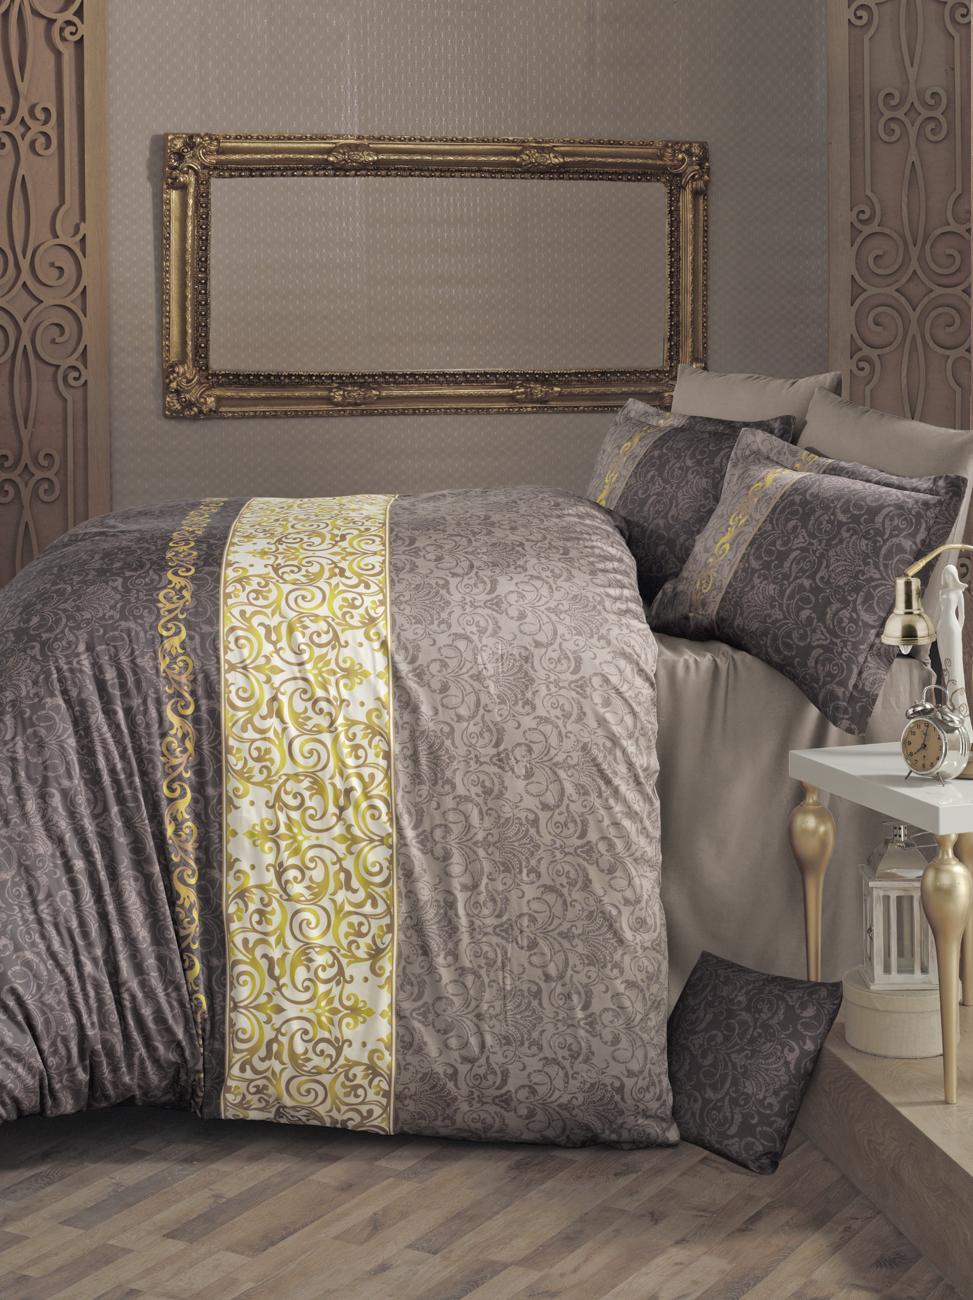 Комплект белья Clasy Mirace, 1,5-спальный, наволочки 50х70, цвет: коричневый391602Комплект постельного белья Clasy Mirace изготовлен в Турции из высококачественного сатина на одной из ведущих фабрик.Выбирая постельное белье Clasy Mirace вы будете приятно удивлены качественной выделкой ткани, красивыми и модными расцветками, а так же его отличным качеством. Все наволочки у комплектов Clasy Mirace имеют клапан без пуговиц и молнии. Пододеяльник с пуговицами.